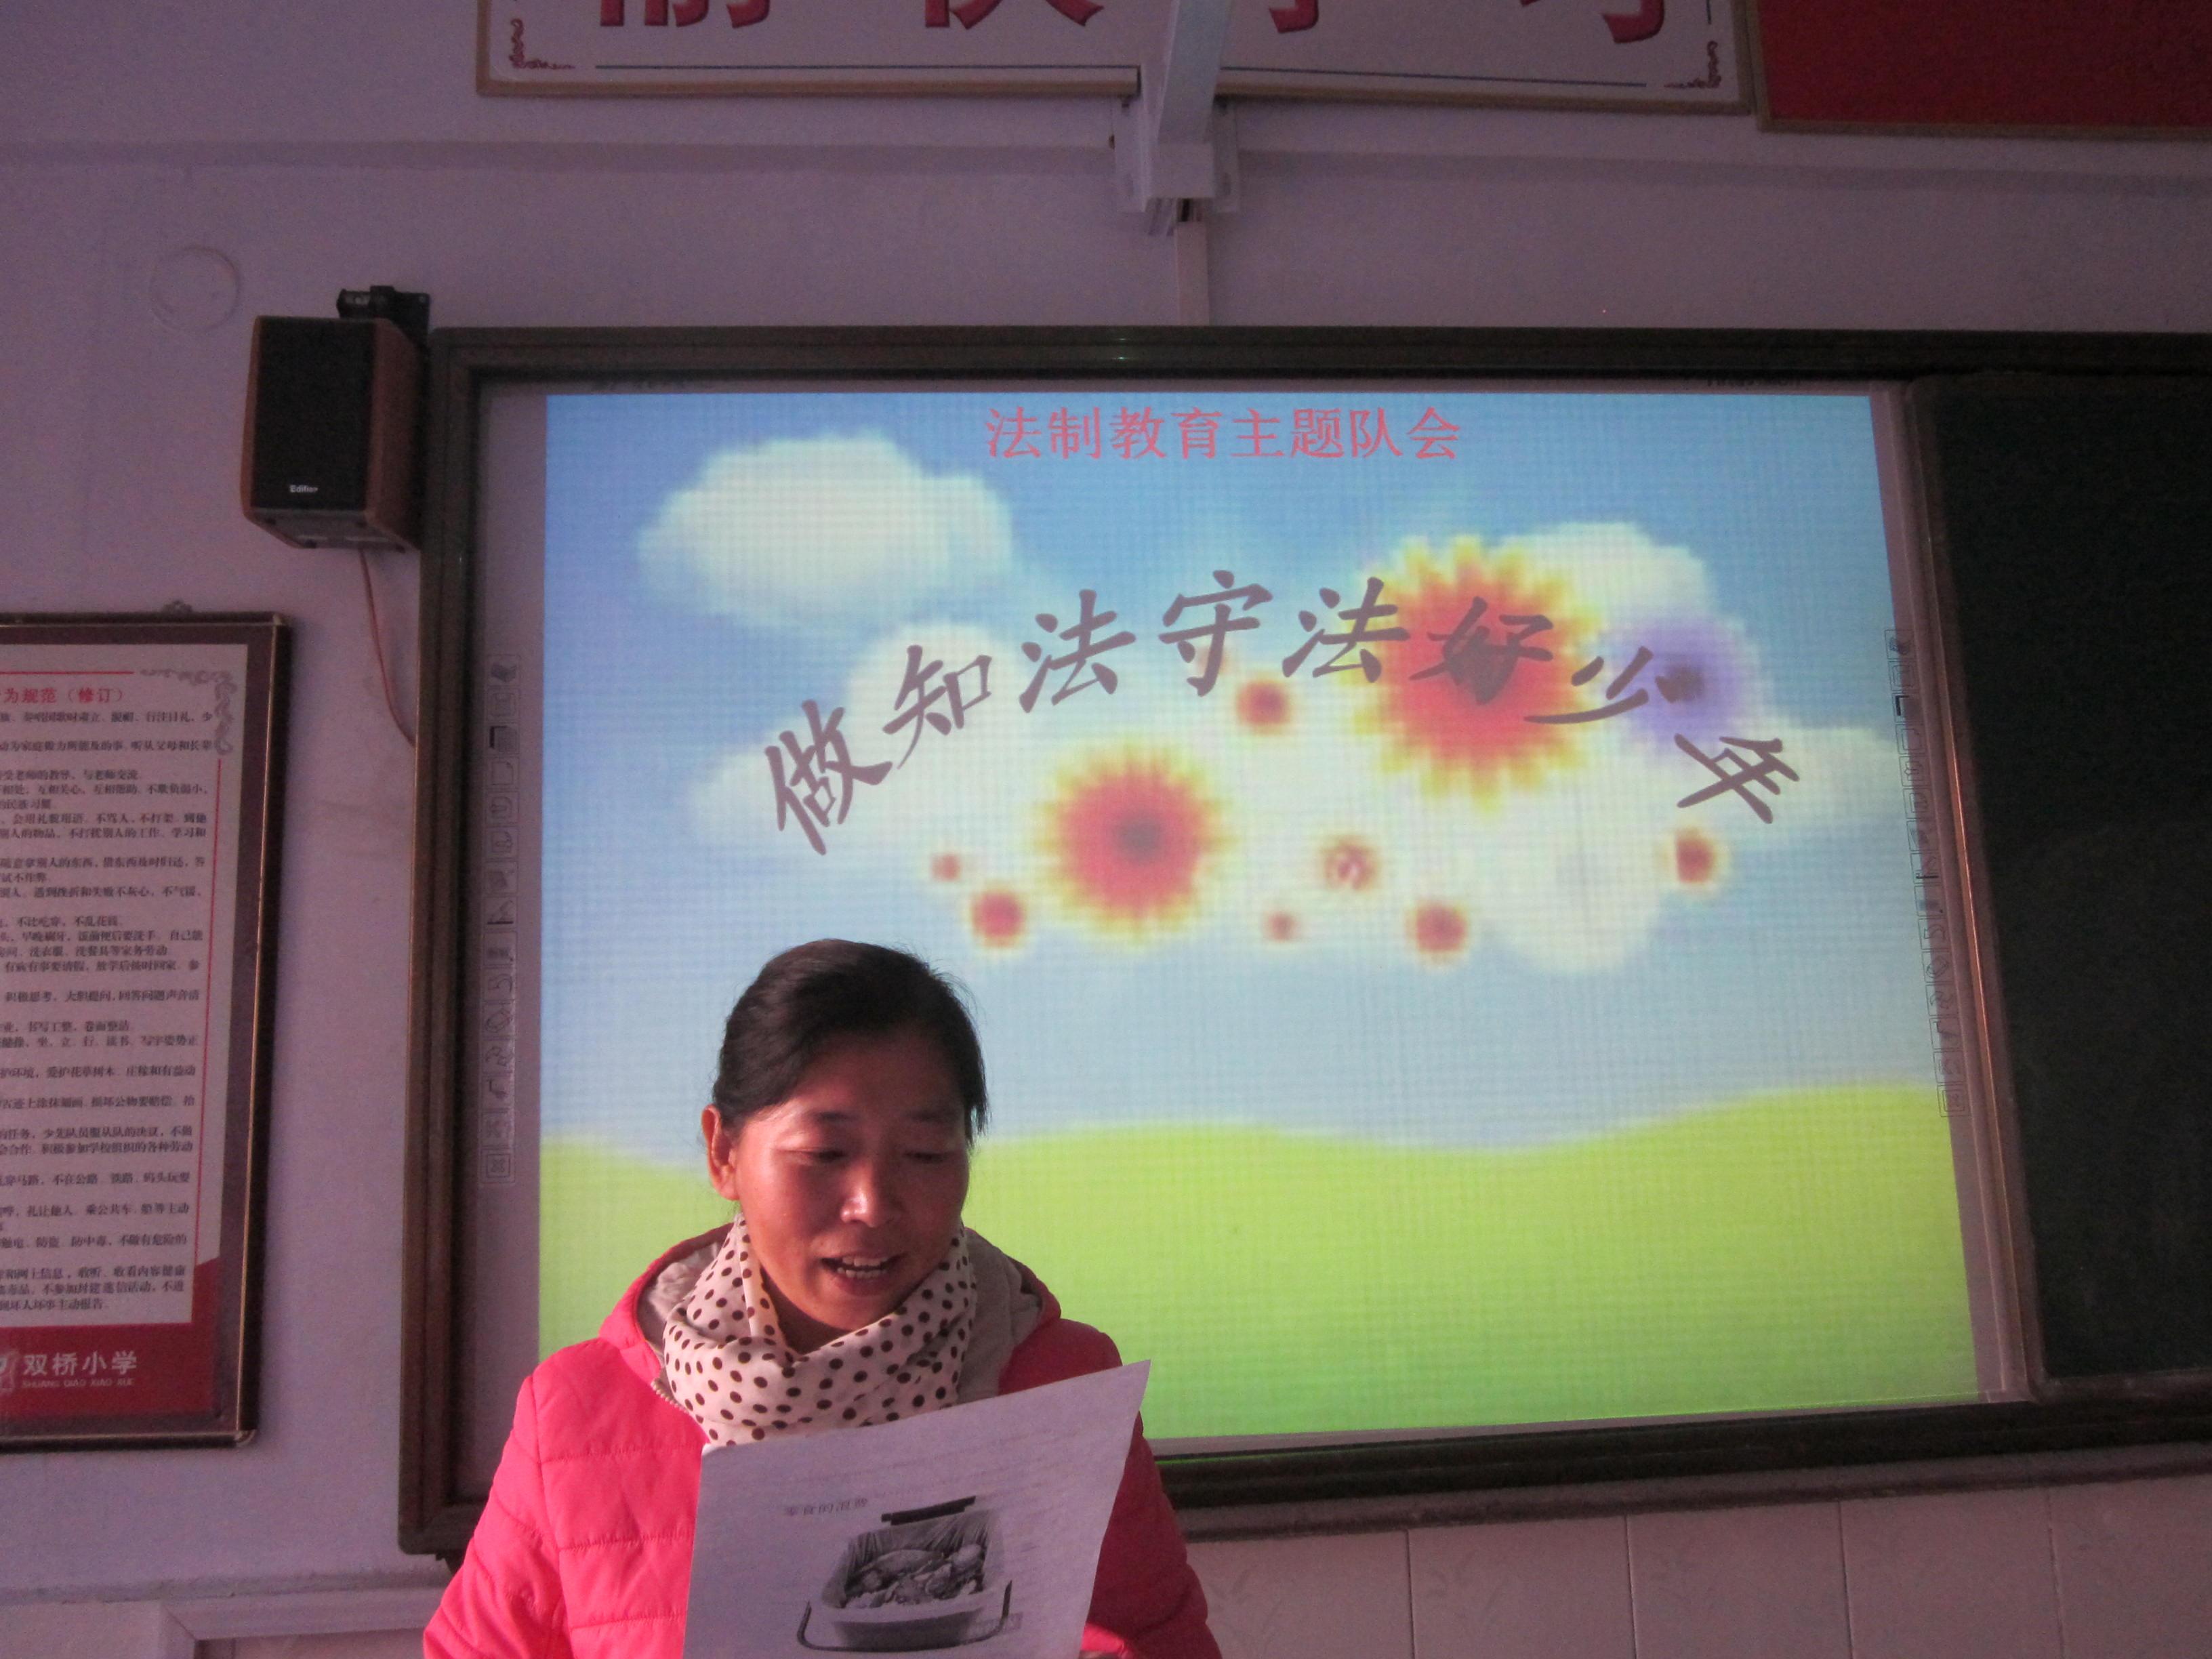 课文法制教育教案班小学2[1]备主题一语单元v课文第二图片